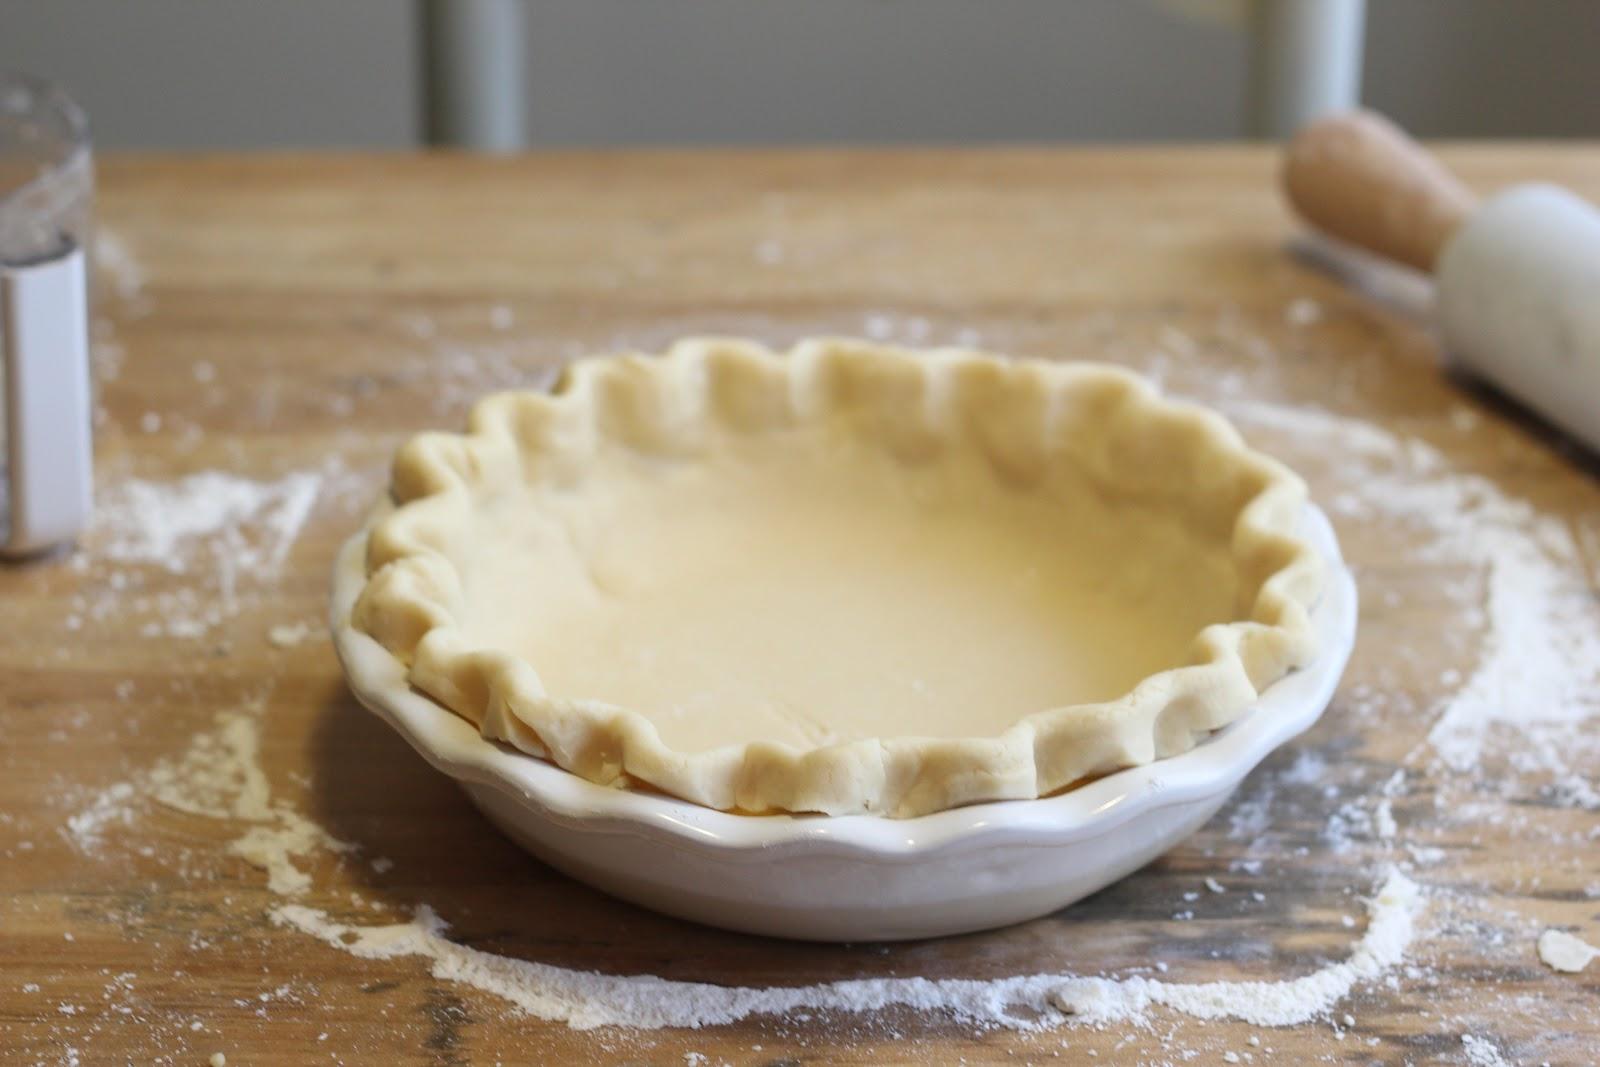 ... Pie Crust | Pie Crust Recipe | Plus... Chocolate Meringue Pie Recipe